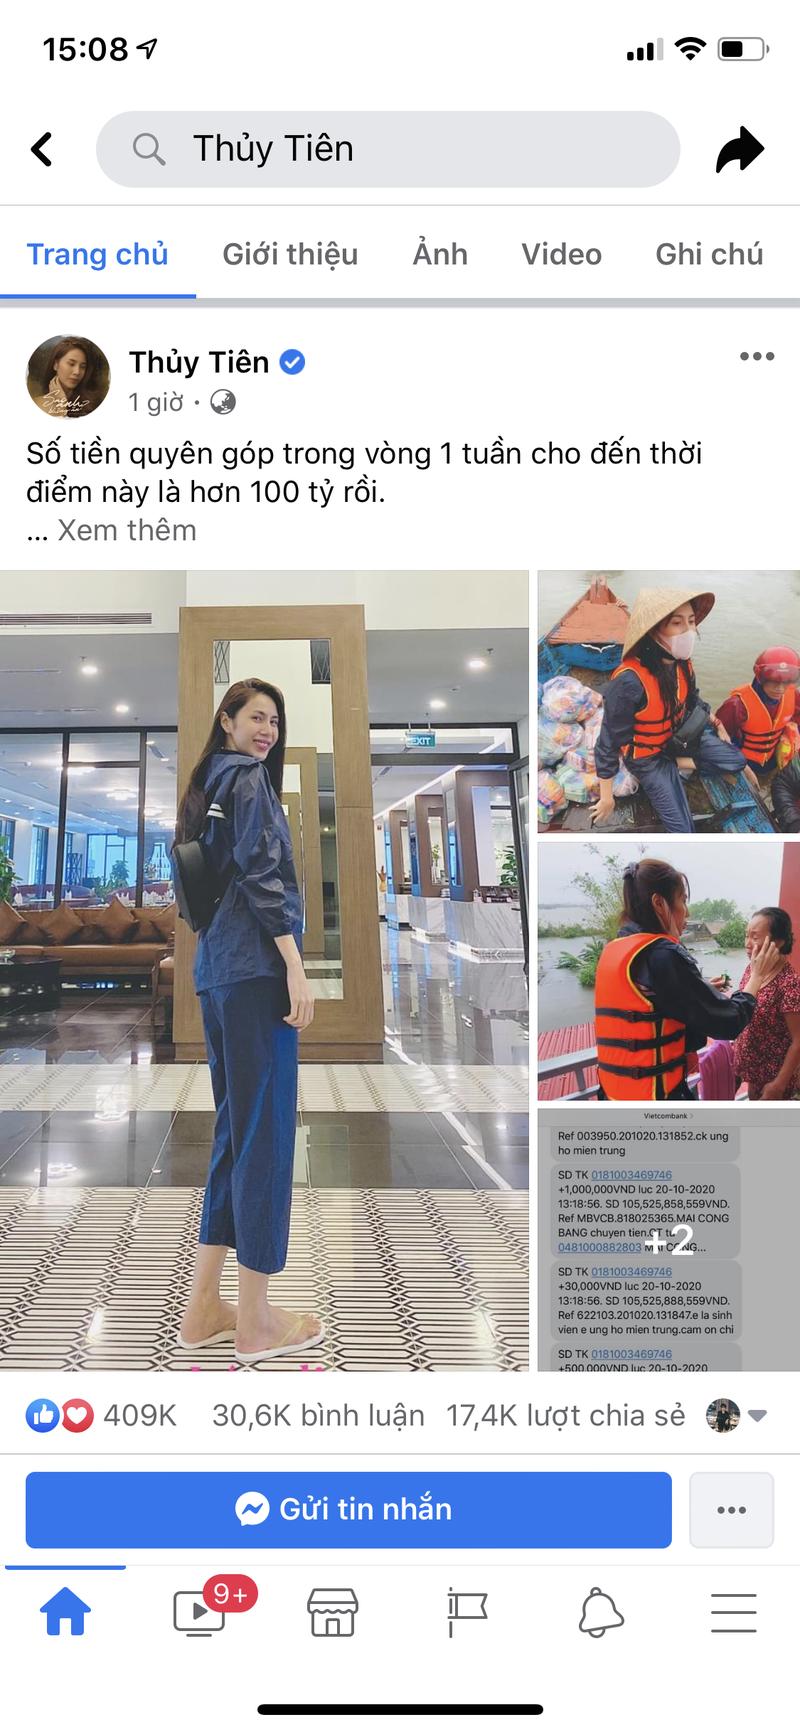 Hình ảnh ca sĩ Thủy Tiên kêu gọi được 100 tỷ đồng, lao vào lũ dữ cứu trợ đồng bào - Ảnh 1